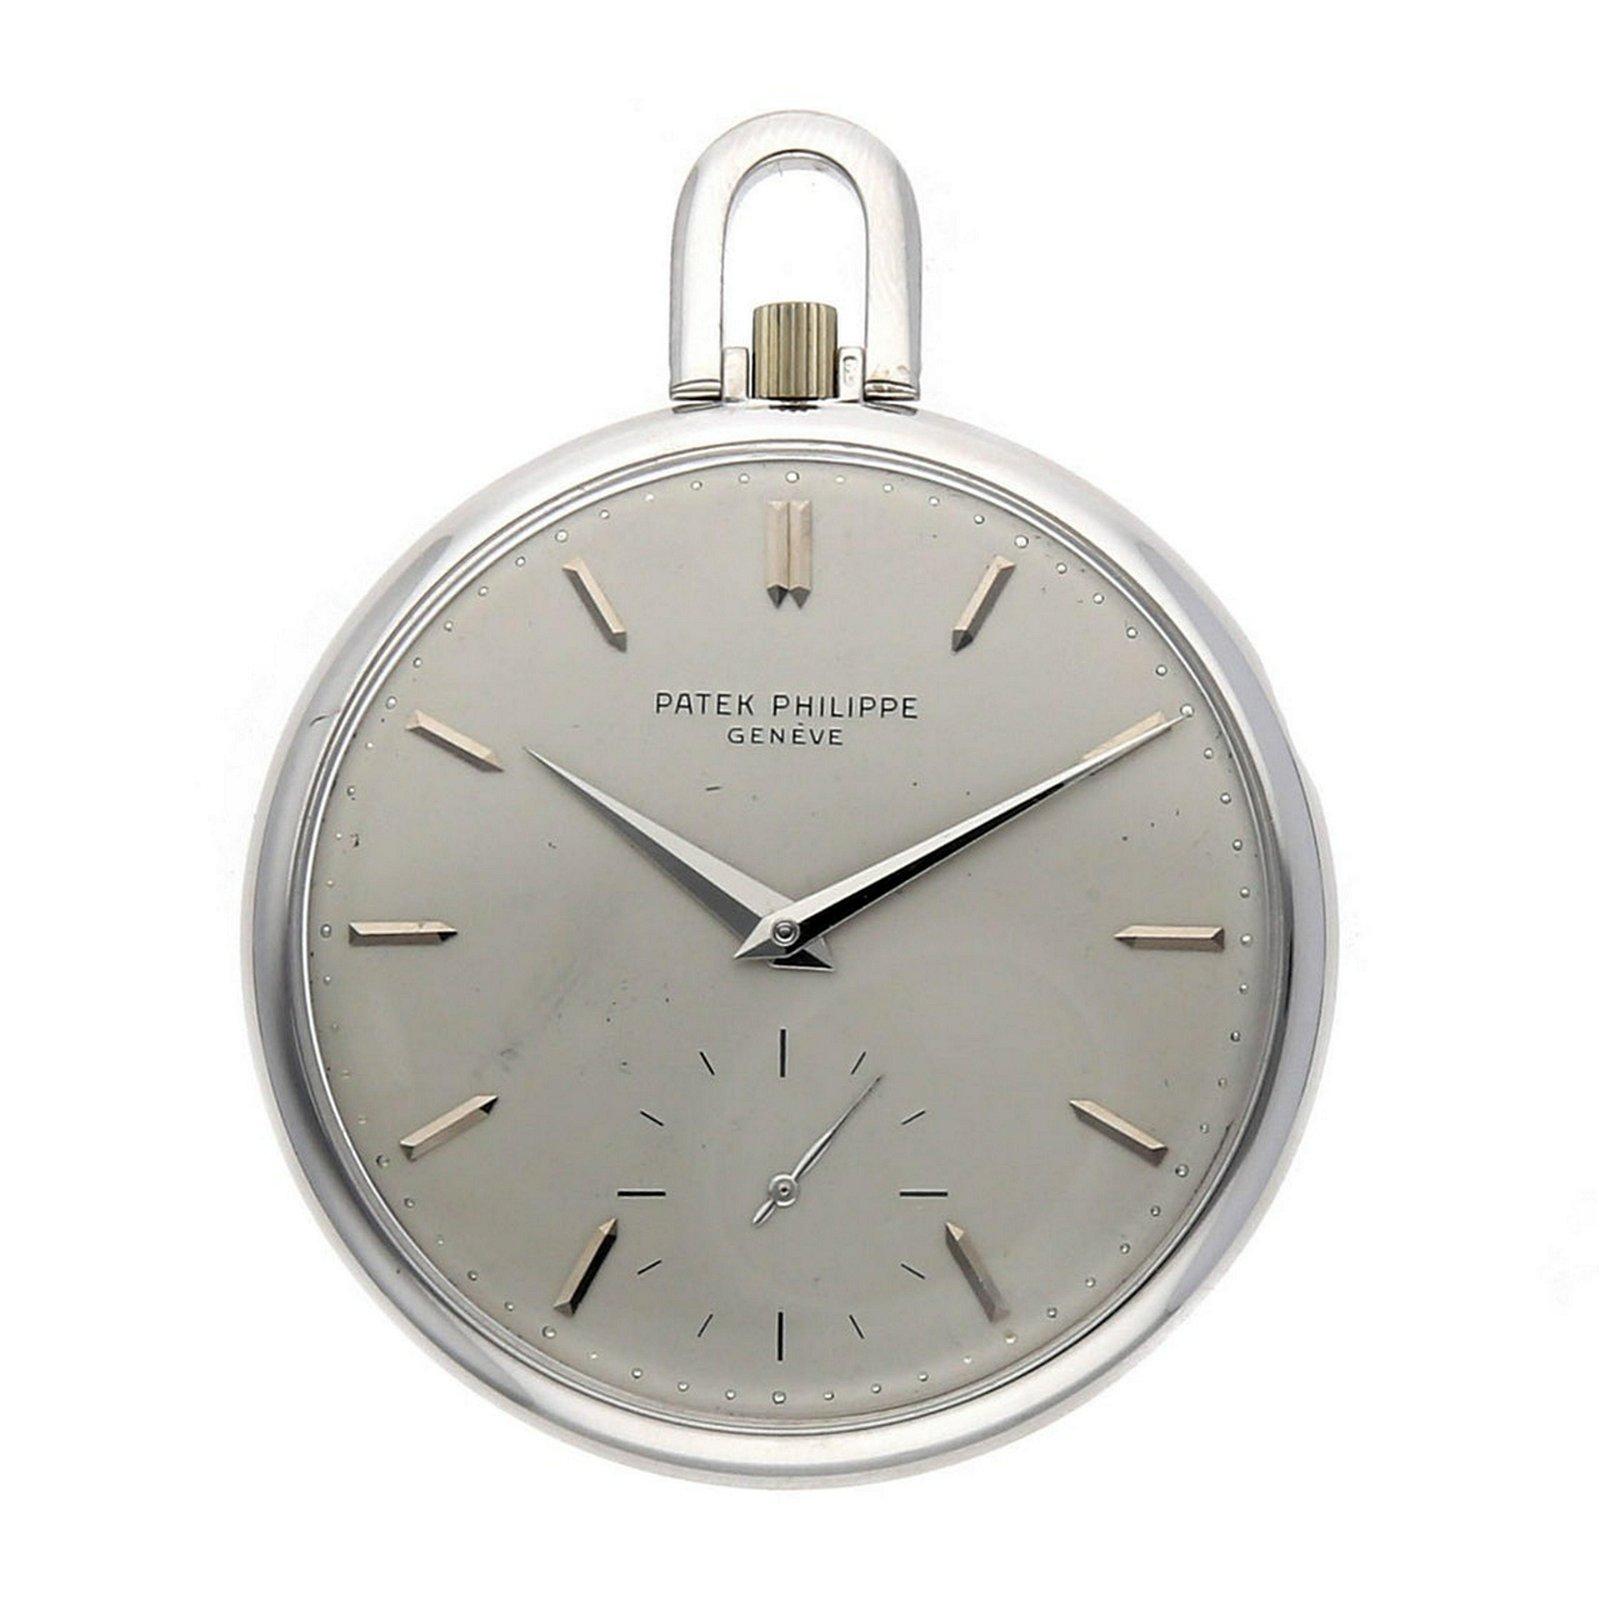 Patek Philippe Vintage Pocket Watch